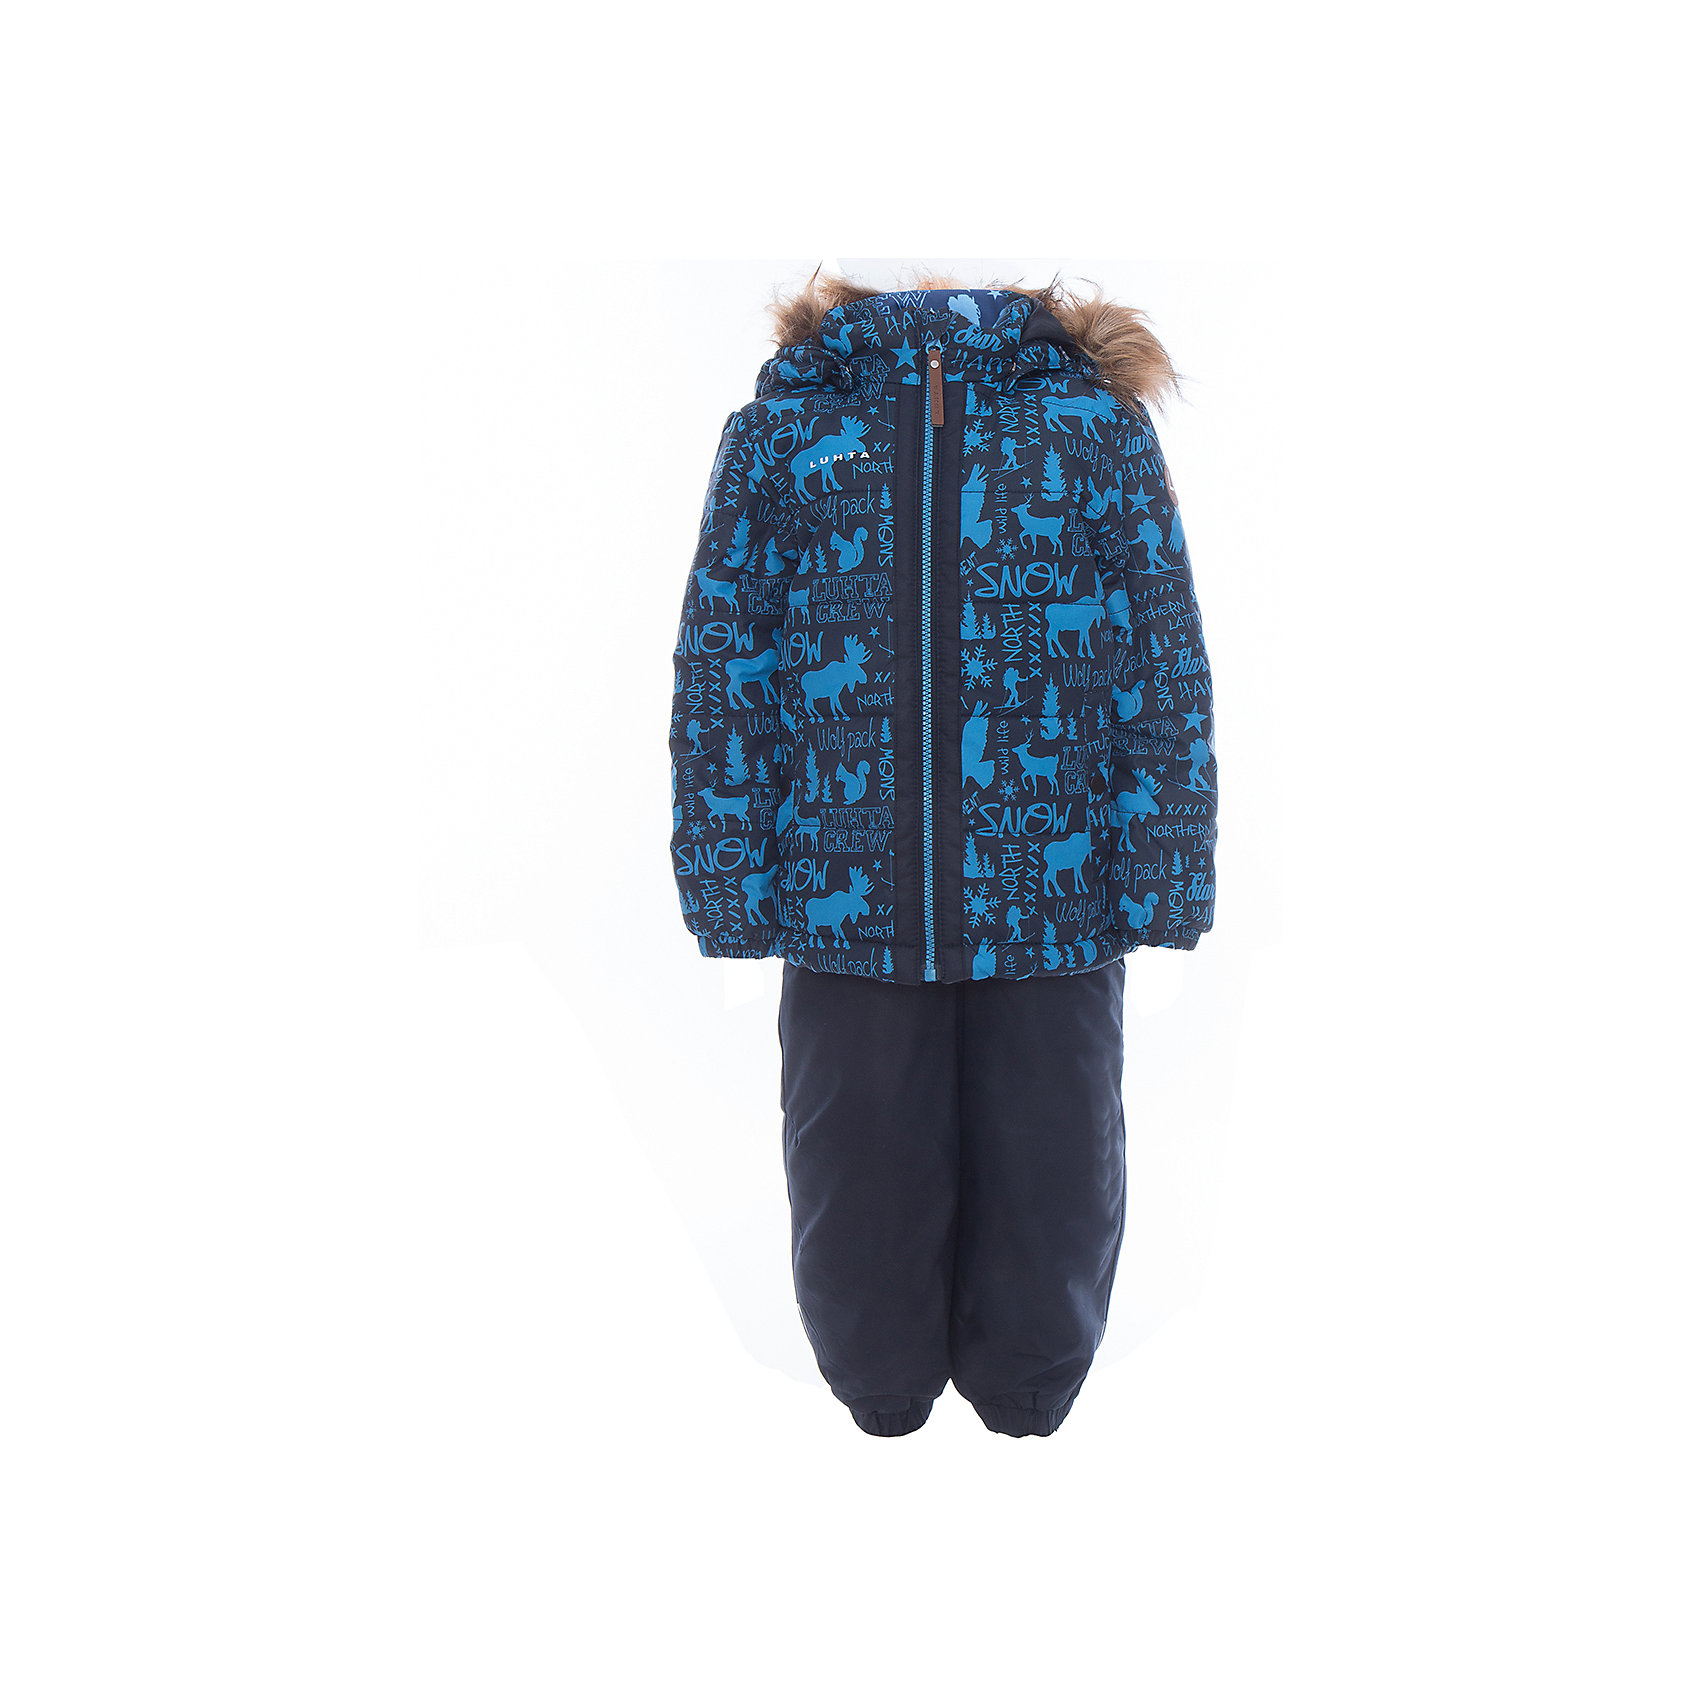 Комплект: куртка и полукомбинезон для мальчика LuhtaОдежда<br>Комплект: куртка и полукомбинезон для мальчика от известного бренда Luhta.<br>Куртка с отстегивающимся капюшоном, принт, молния закрыта планкой , эластичная резинка на рукавах и в нижней части куртки, карманы на кнопке <br>Состав:<br>100% полиэстер<br><br>Ширина мм: 356<br>Глубина мм: 10<br>Высота мм: 245<br>Вес г: 519<br>Цвет: синий<br>Возраст от месяцев: 24<br>Возраст до месяцев: 36<br>Пол: Женский<br>Возраст: Детский<br>Размер: 98,104,110,116,122,128,92<br>SKU: 5414056